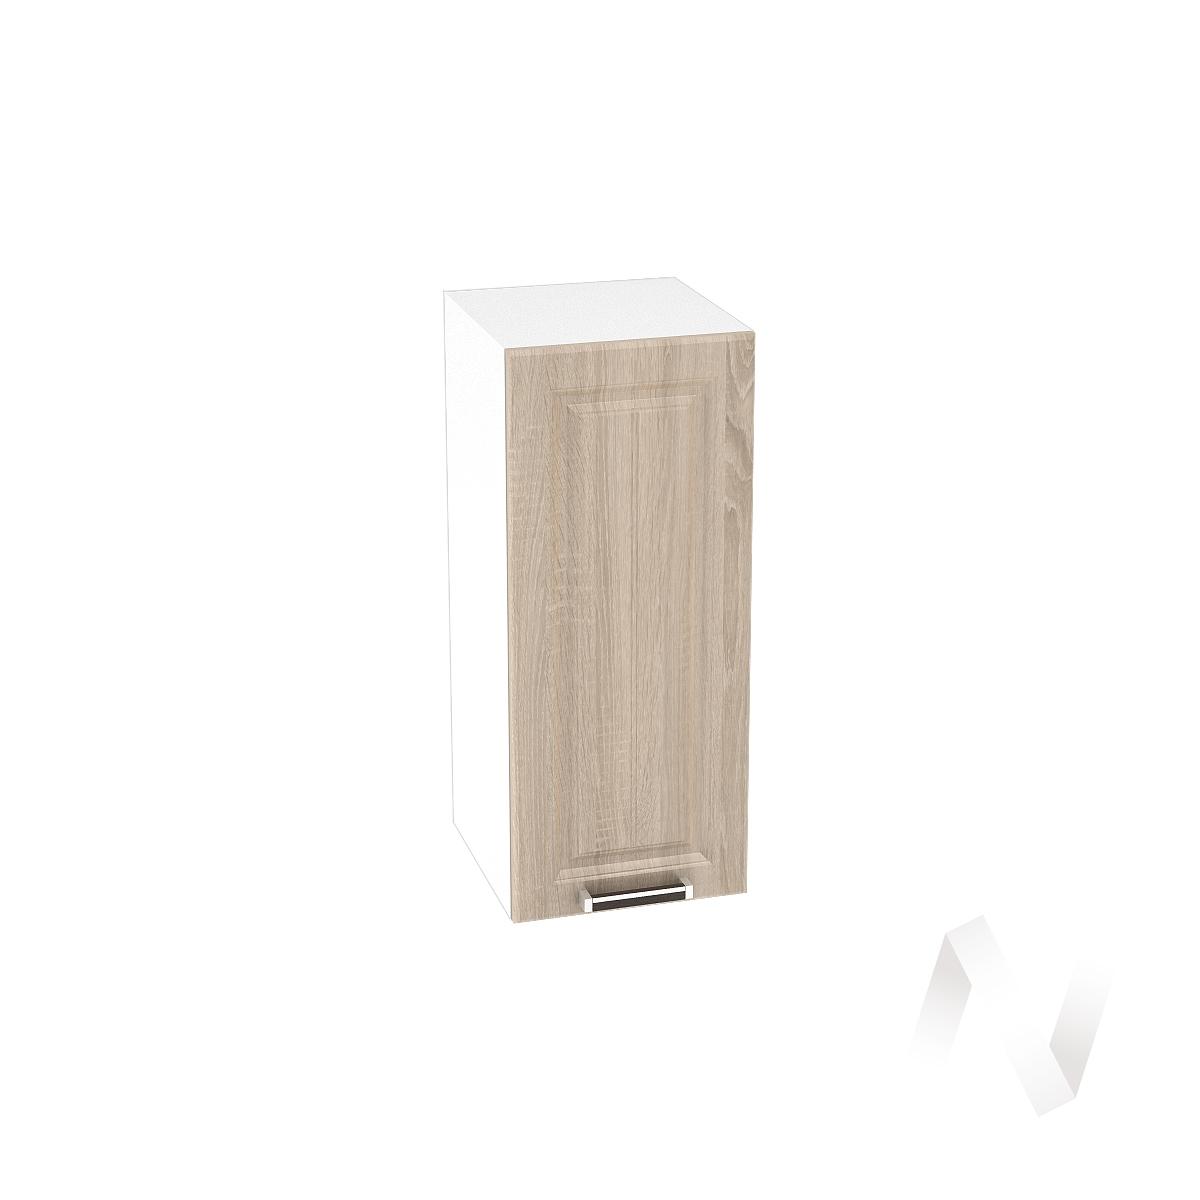 """Купить кухня """"прага"""": шкаф верхний 300, шв 300 (дуб сонома/корпус белый) в Новосибирске в интернет-магазине Мебель плюс Техника"""